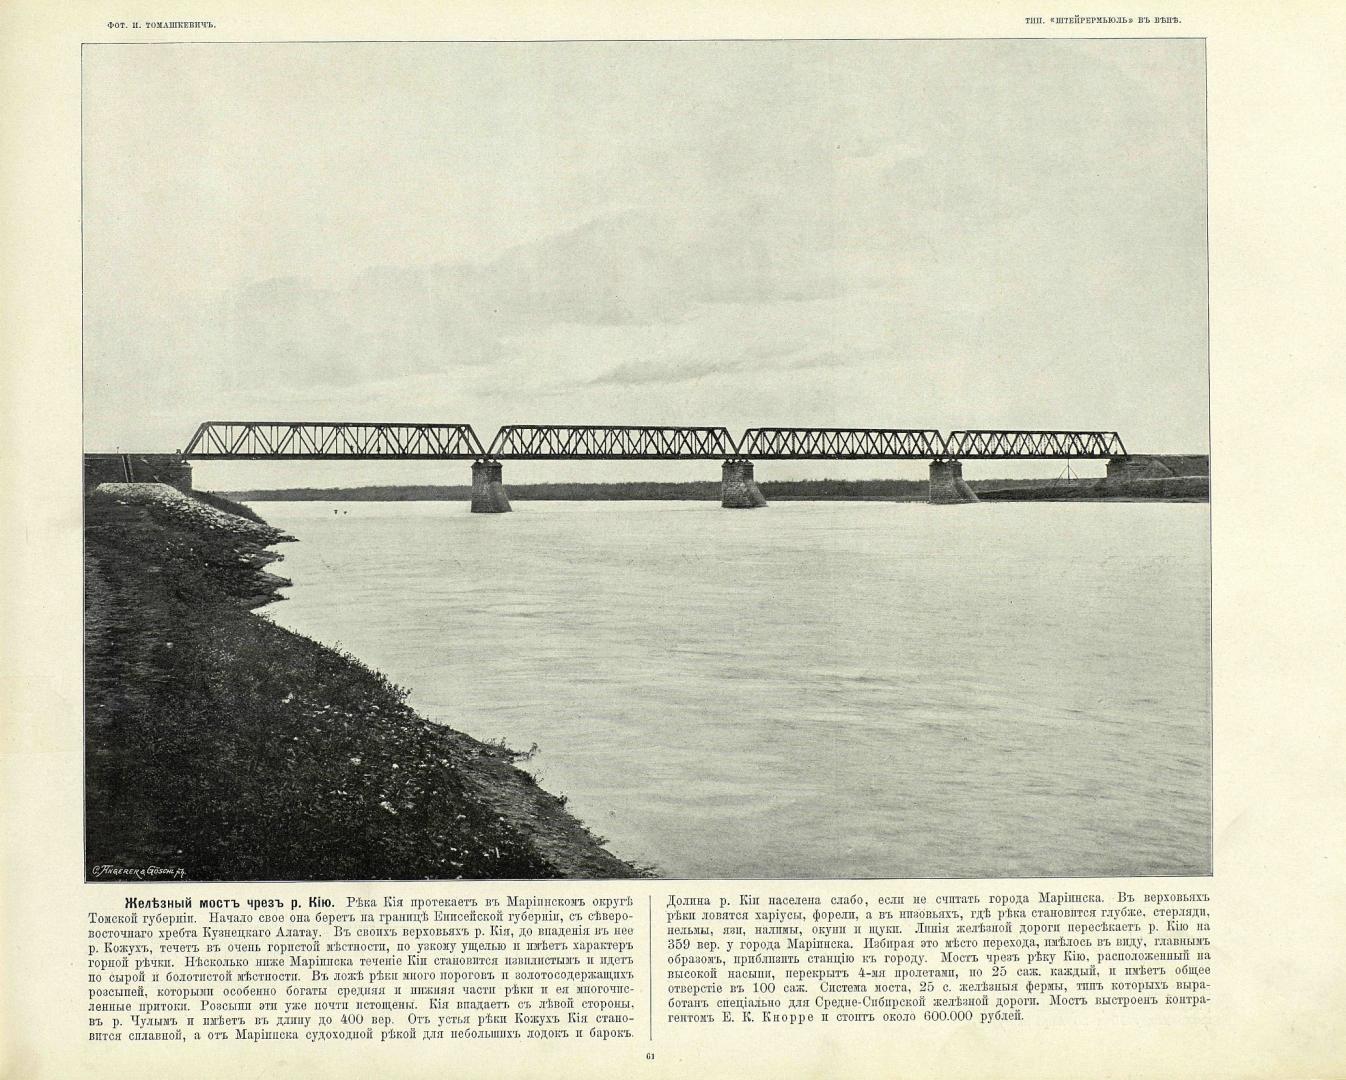 Альбом «Великий путь. Виды Сибири и Великой сибирской железной дороги». Железный мост через реку Кию. 1899